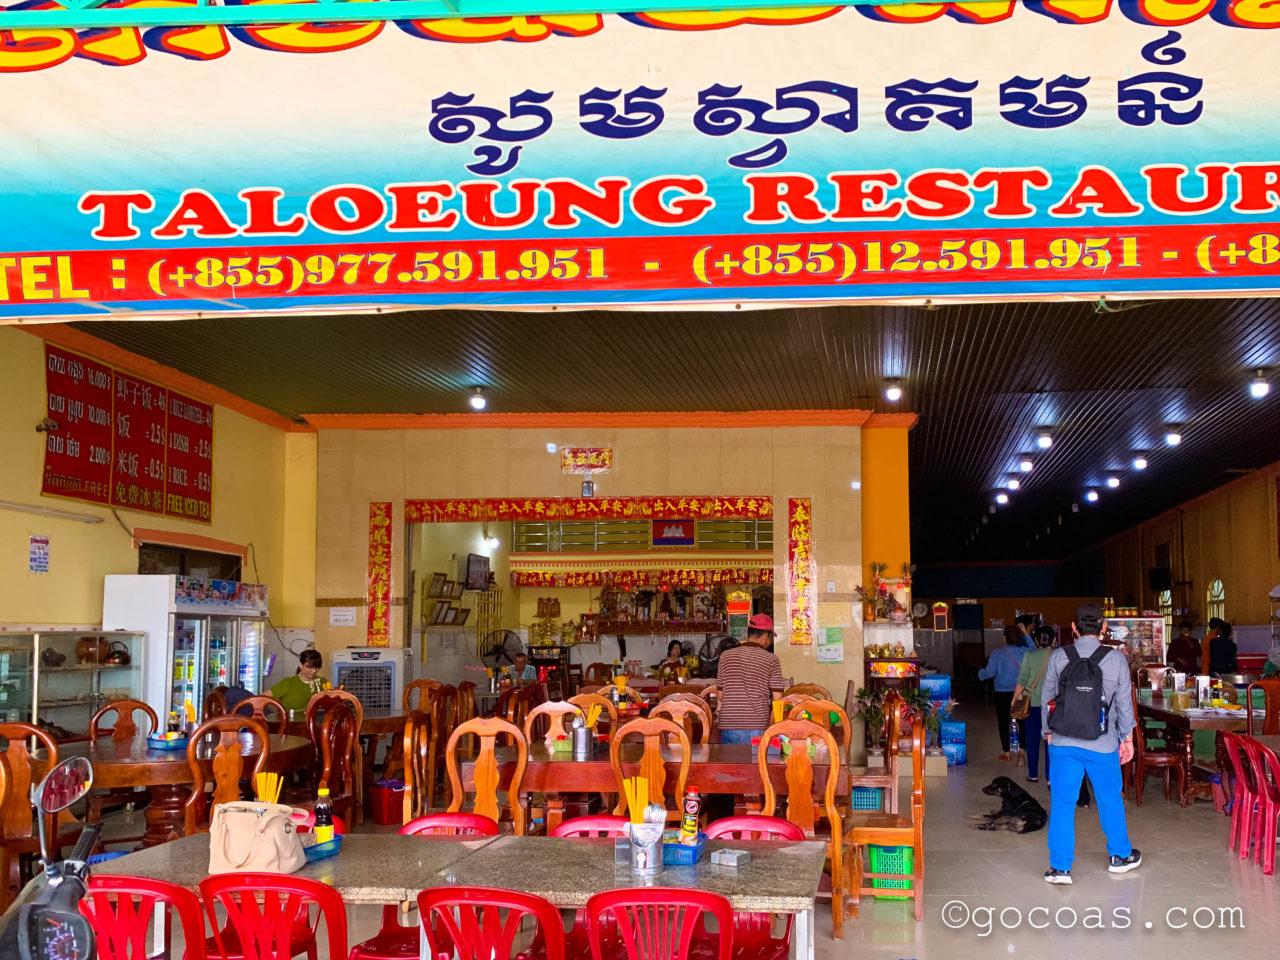 メコンエクスプレスで行ったカンボジアの昼食会場